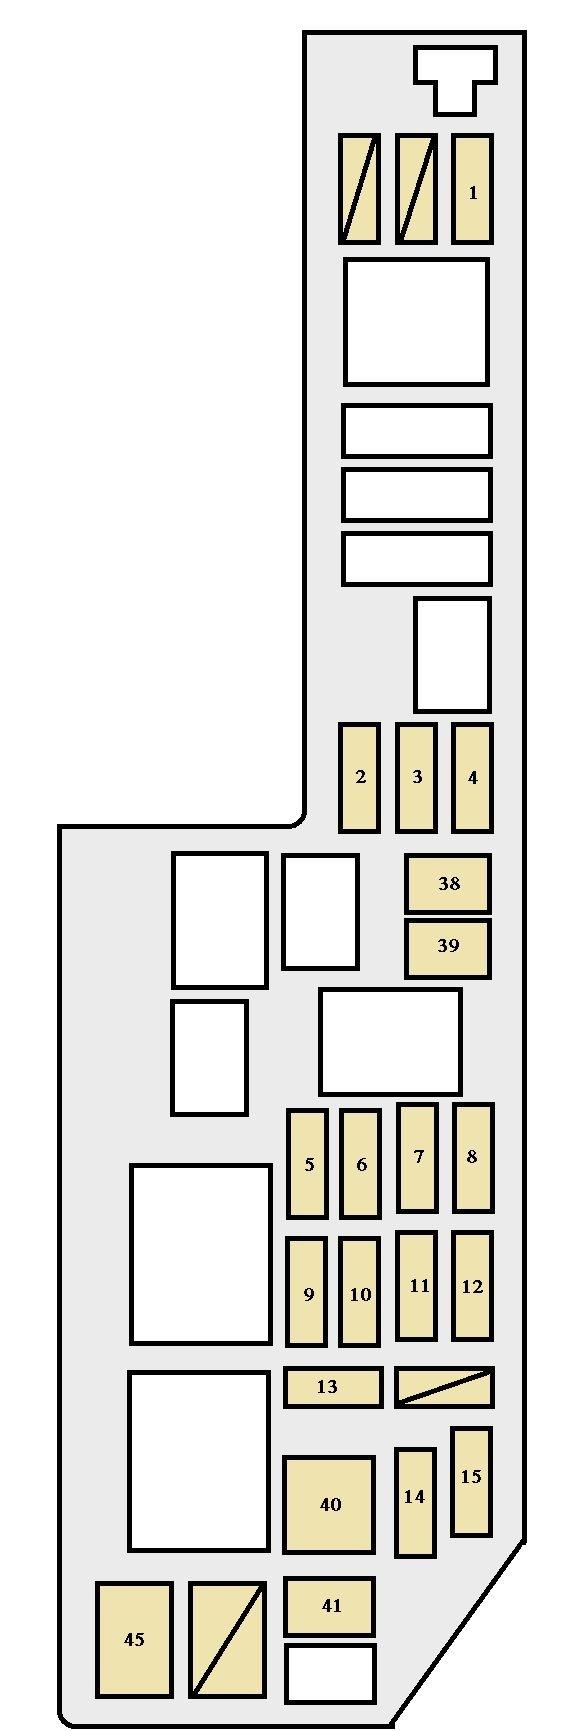 Fuse Box 1998 Toyota Camry - wiring diagram sockets-design -  sockets-design.ristorantegorgodelpo.it | 1998 Camry Fuse Box Location |  | Ristorante Gorgo del Po